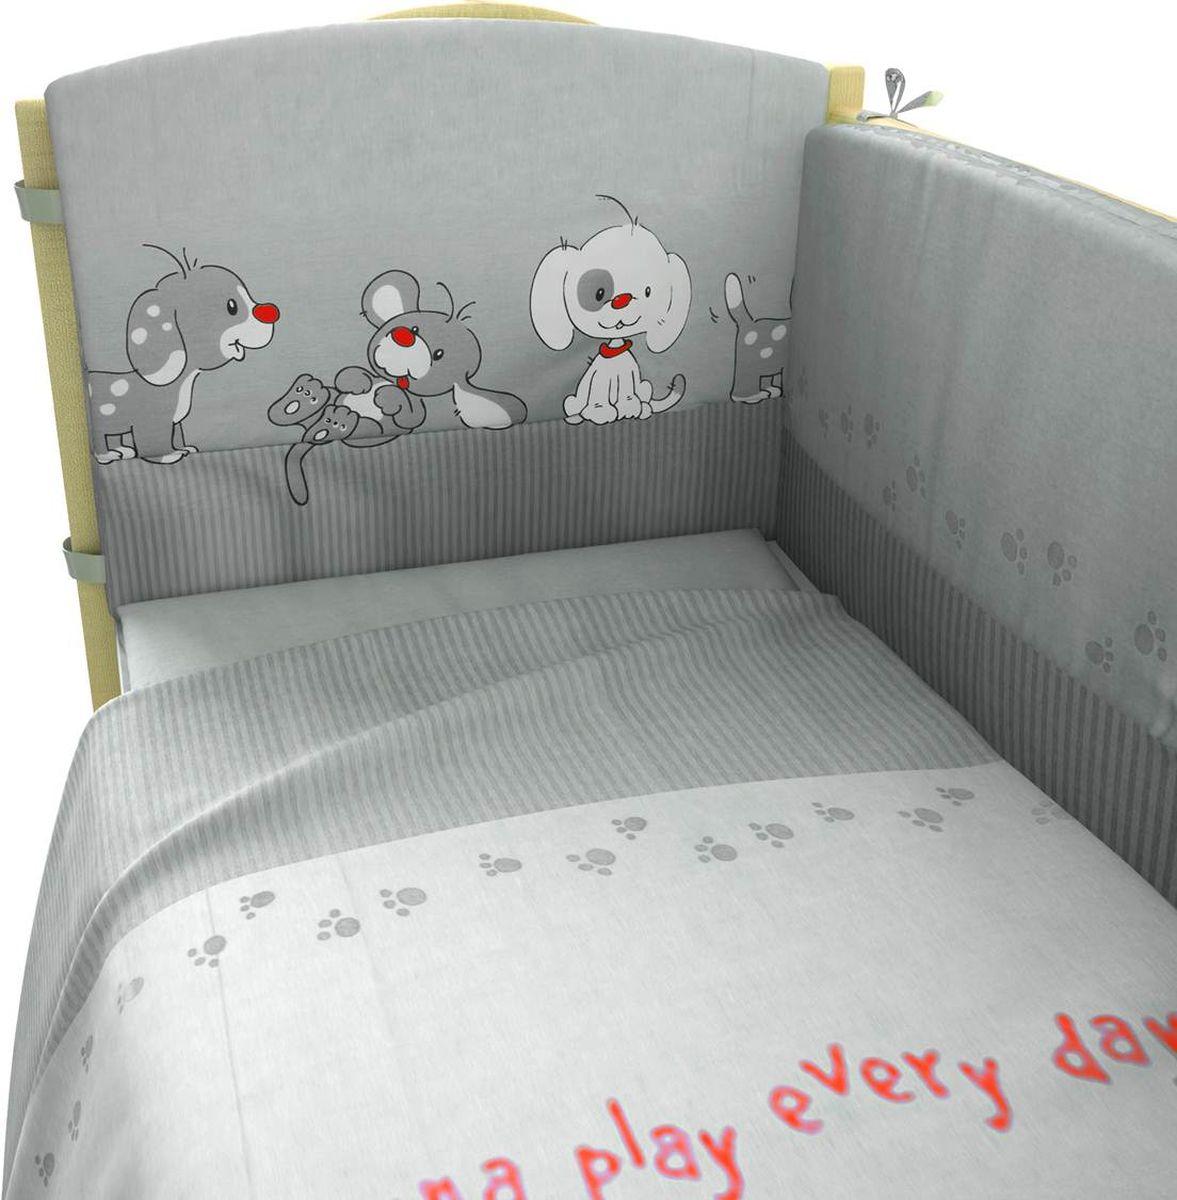 Комплект белья для новорожденных Фея Веселая игра, цвет: серый, 6 предметов комплект белья для новорожденных фея веселая игра цвет серый 6 предметов